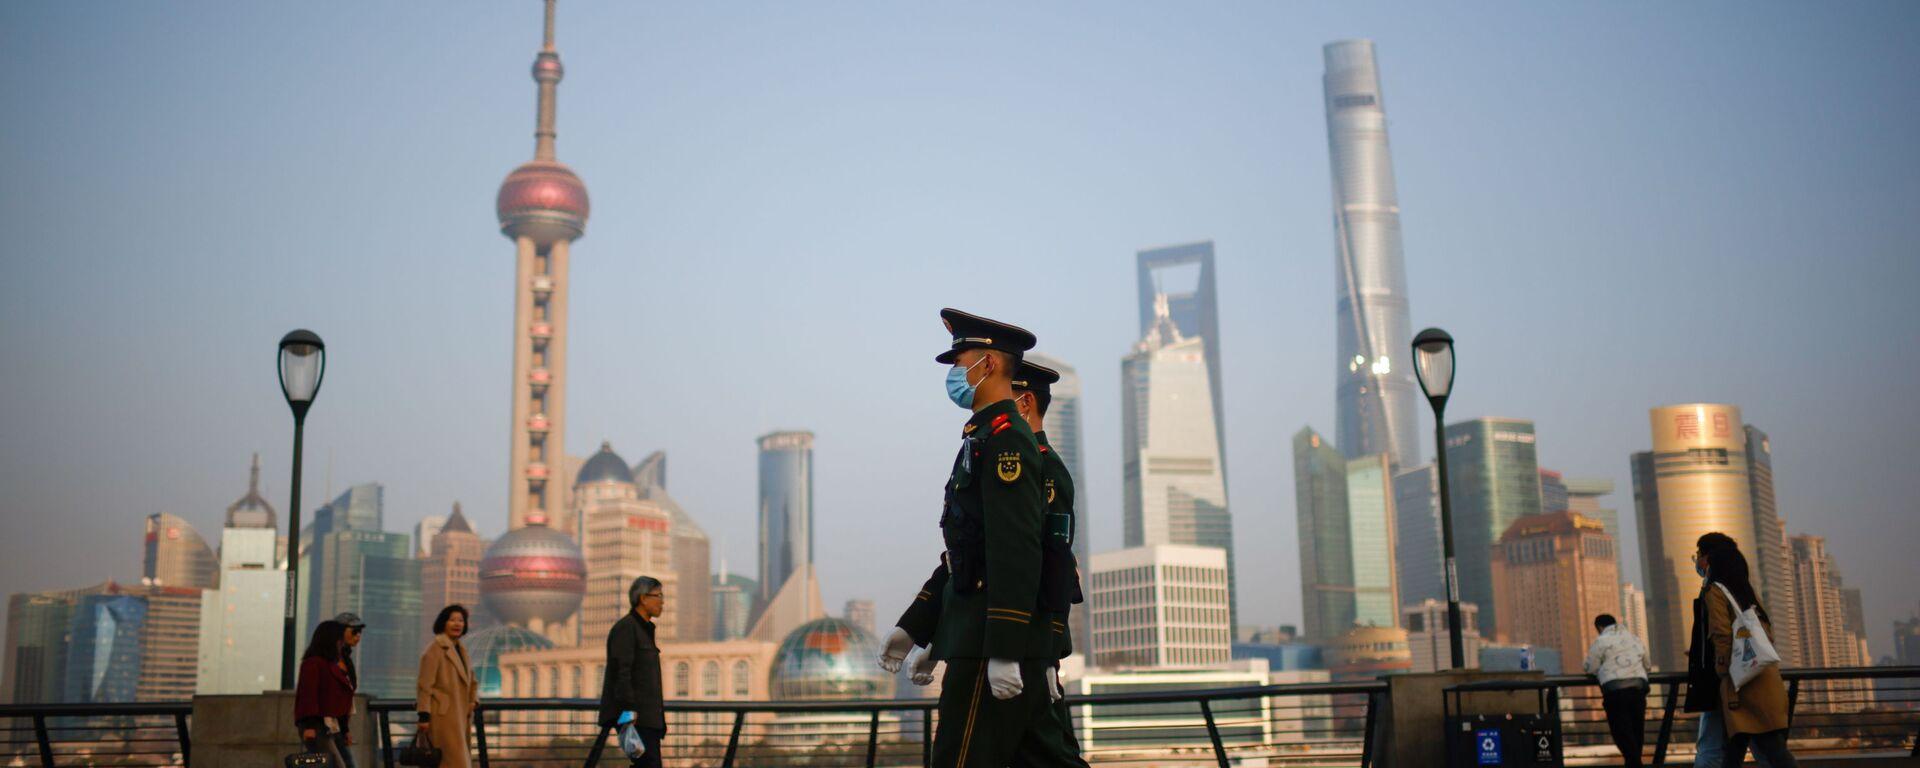 Офицеры полувоенной полиции маршируют у Бунда перед финансовым районом Луцзяцзуй в Пудуне в день открытия сессии Народного политического консультативного совета Китая (НПКСК) в Шанхае, Китай, 4 марта 2021 года - Sputnik Таджикистан, 1920, 11.03.2021